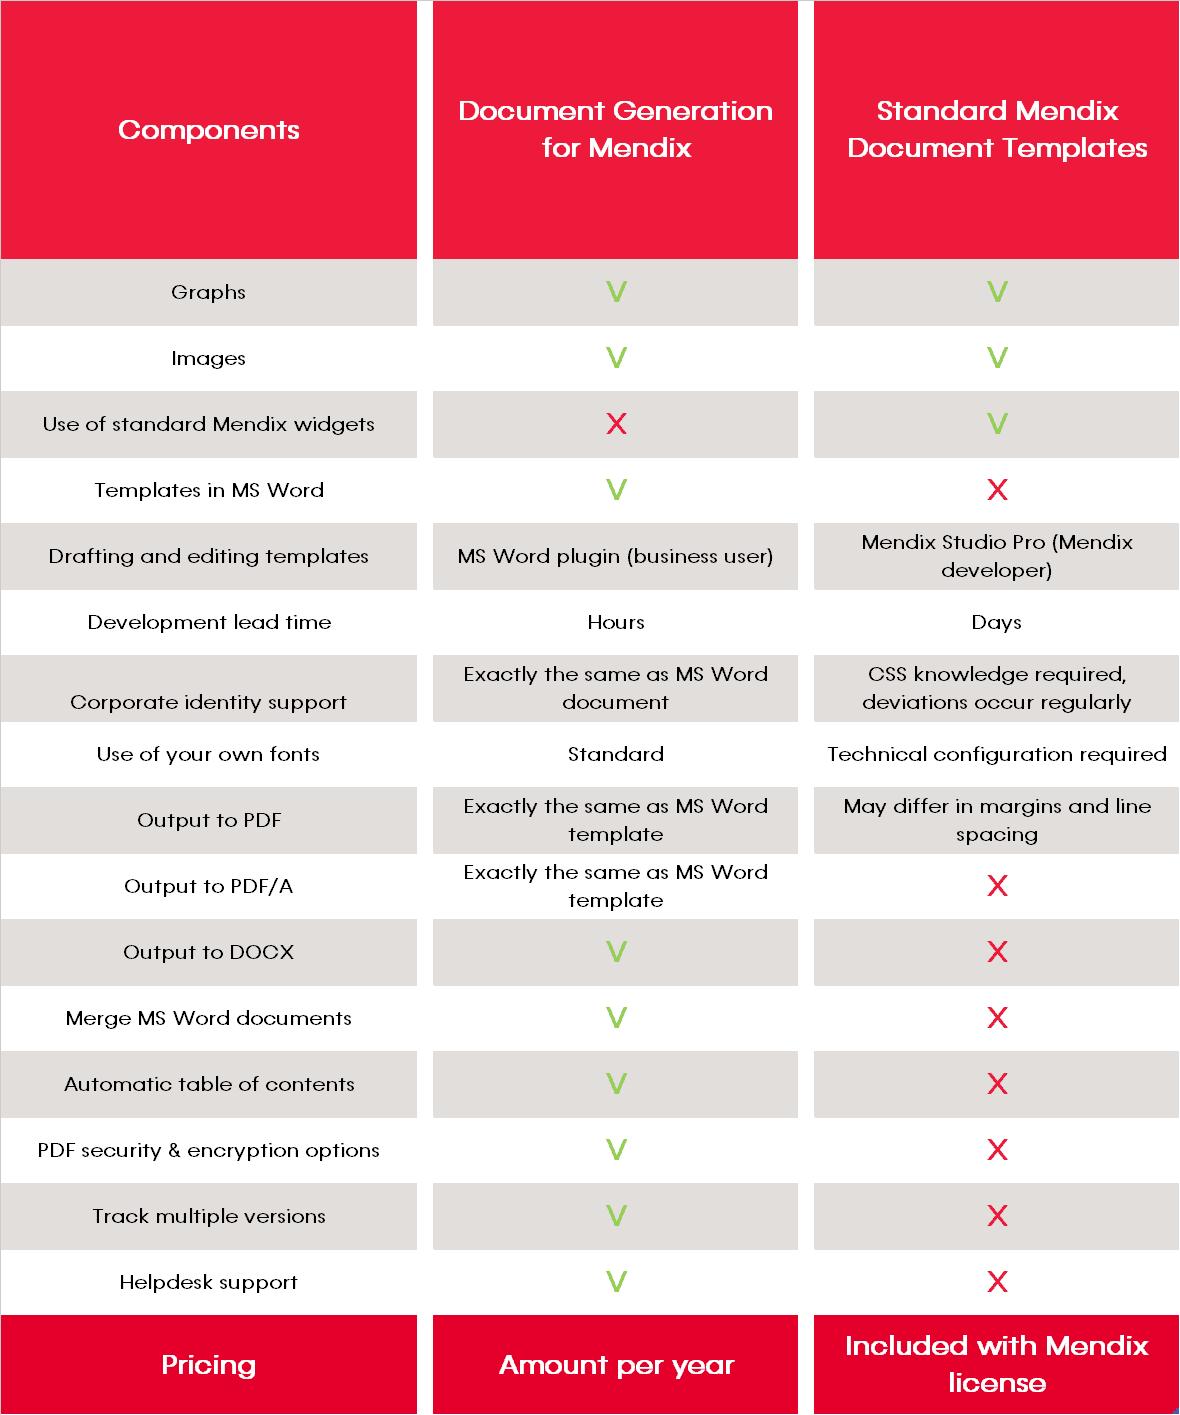 Comparison table Document Generation for Mendix vs Standard Mendix Document Templates